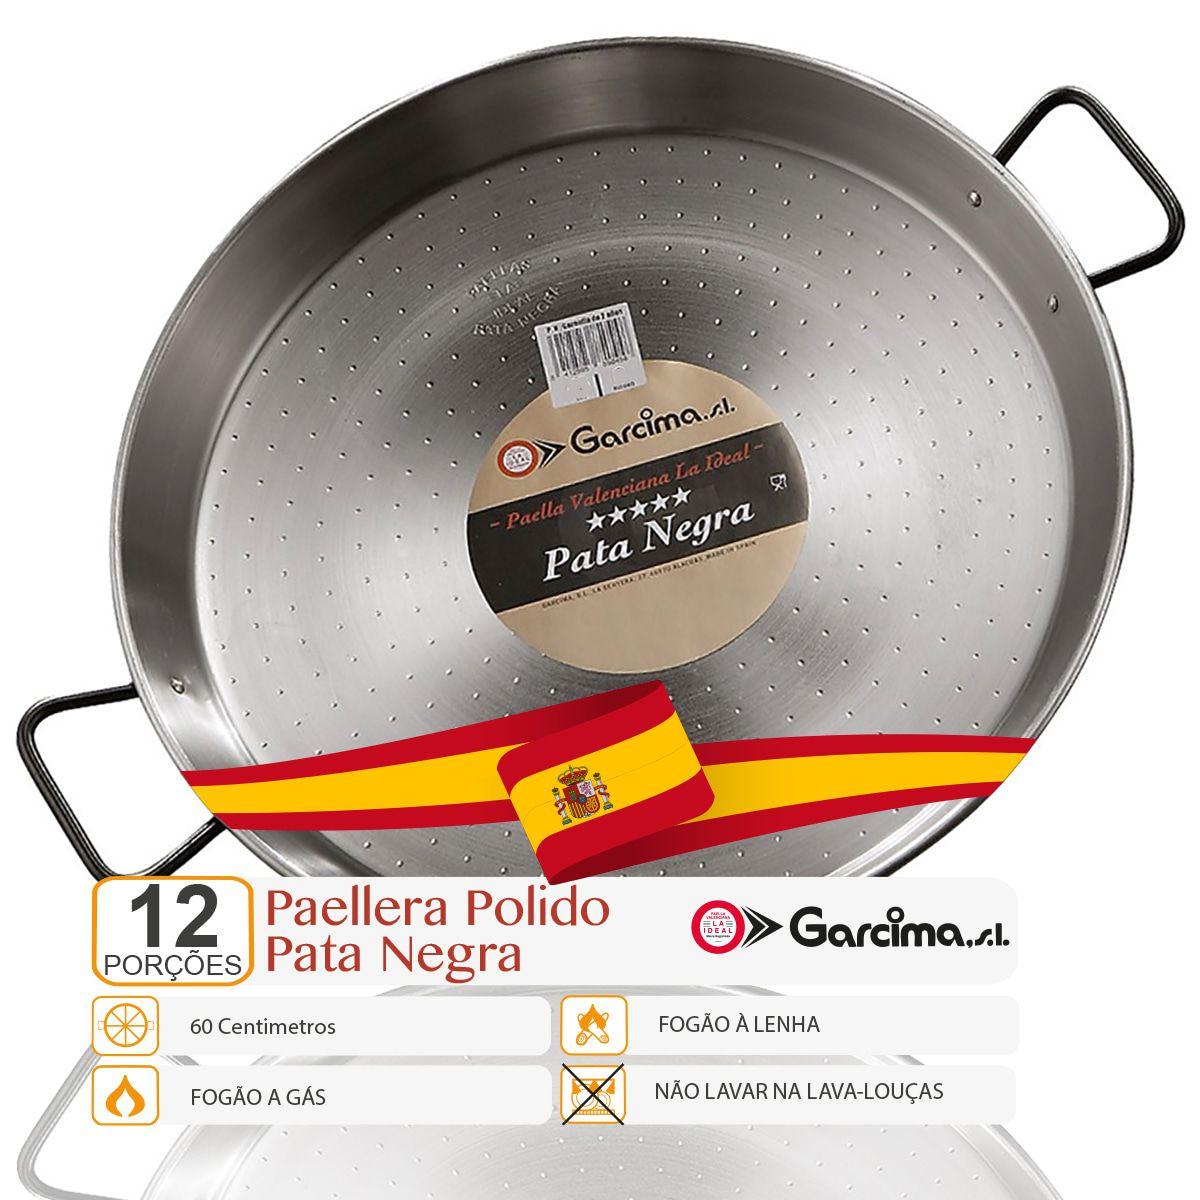 Paellera Aço Polido Pata Negra 60 Cm Para 12 Porções, Garcima  - EMPÓRIO PACK